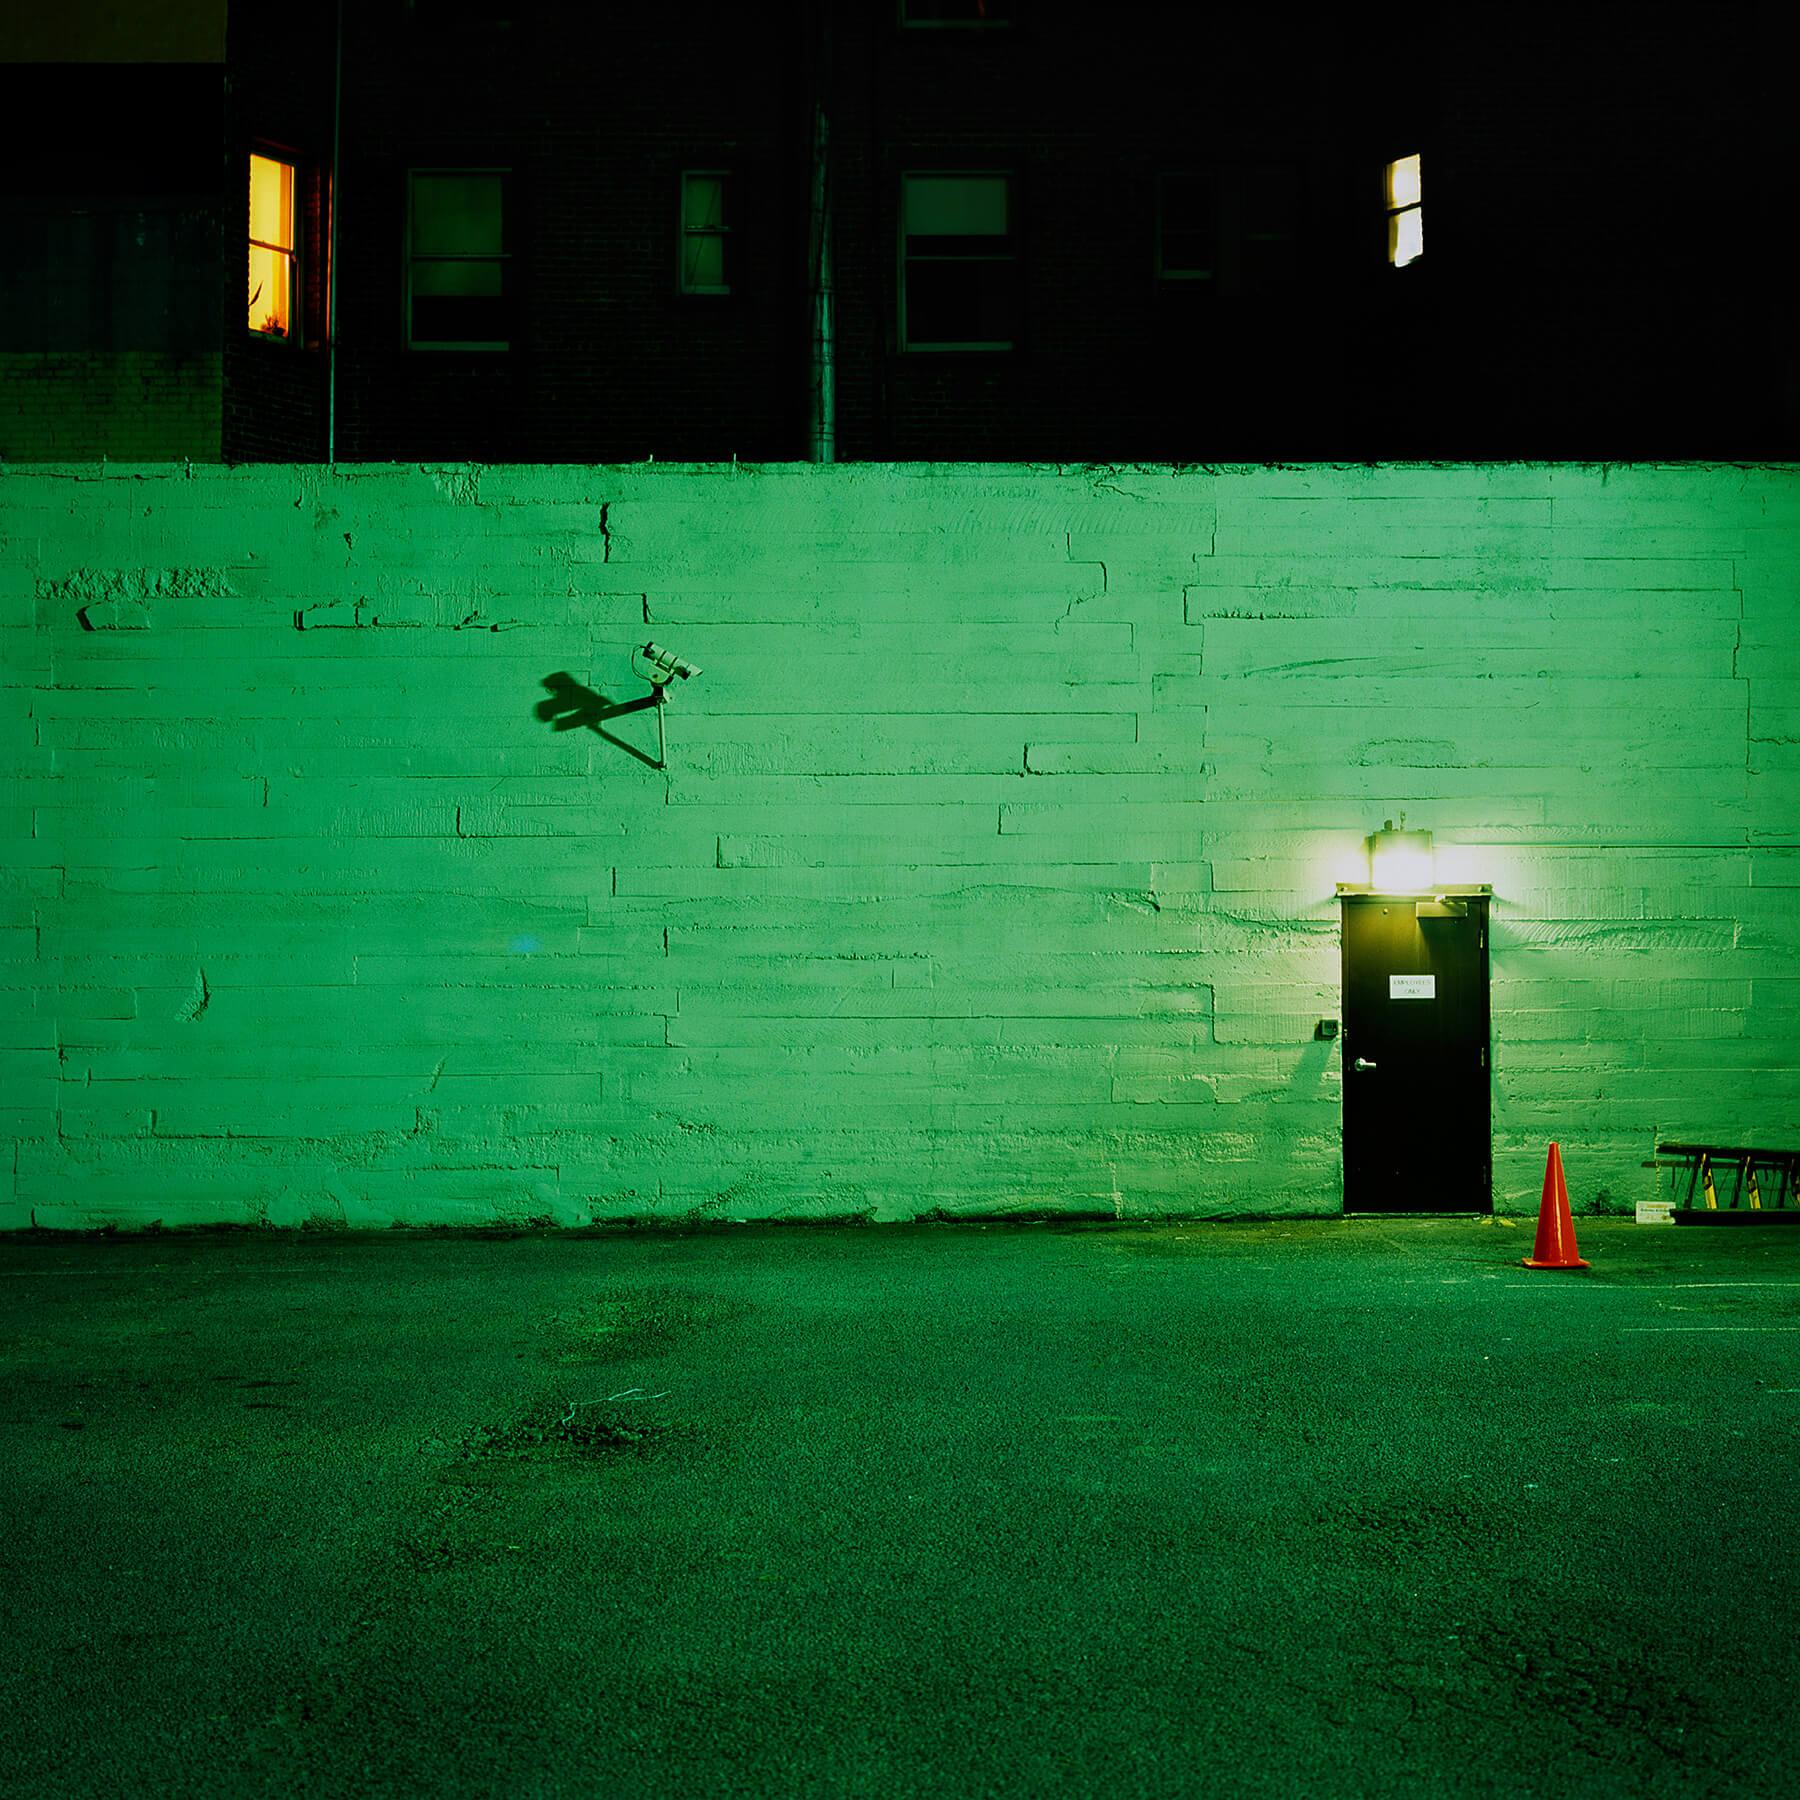 Surveillance camera at night